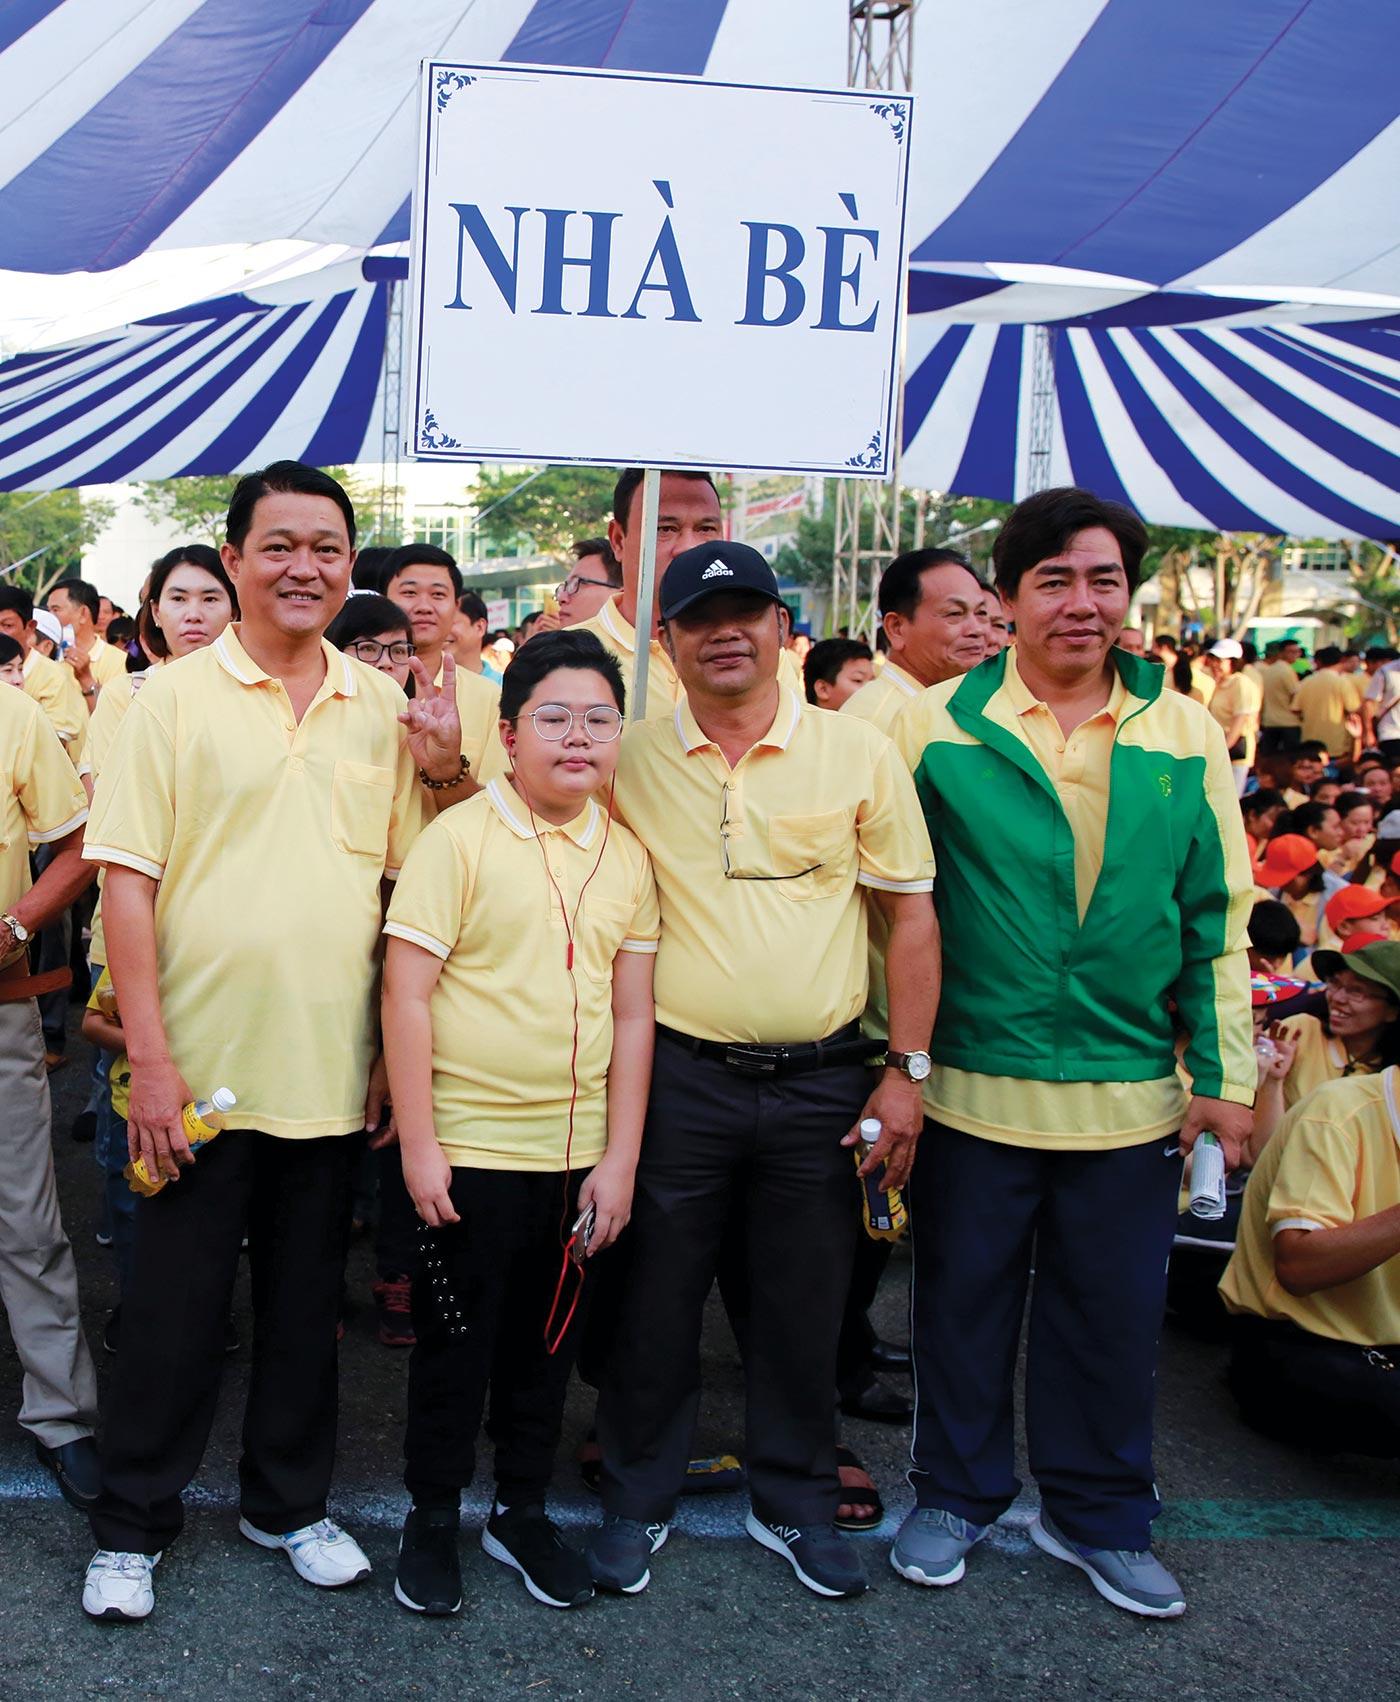 Ông Trần Bảo Danh (ngoài cùng bên phải) và người dân Huyện Nhà Bè trong chương trình năm 2019